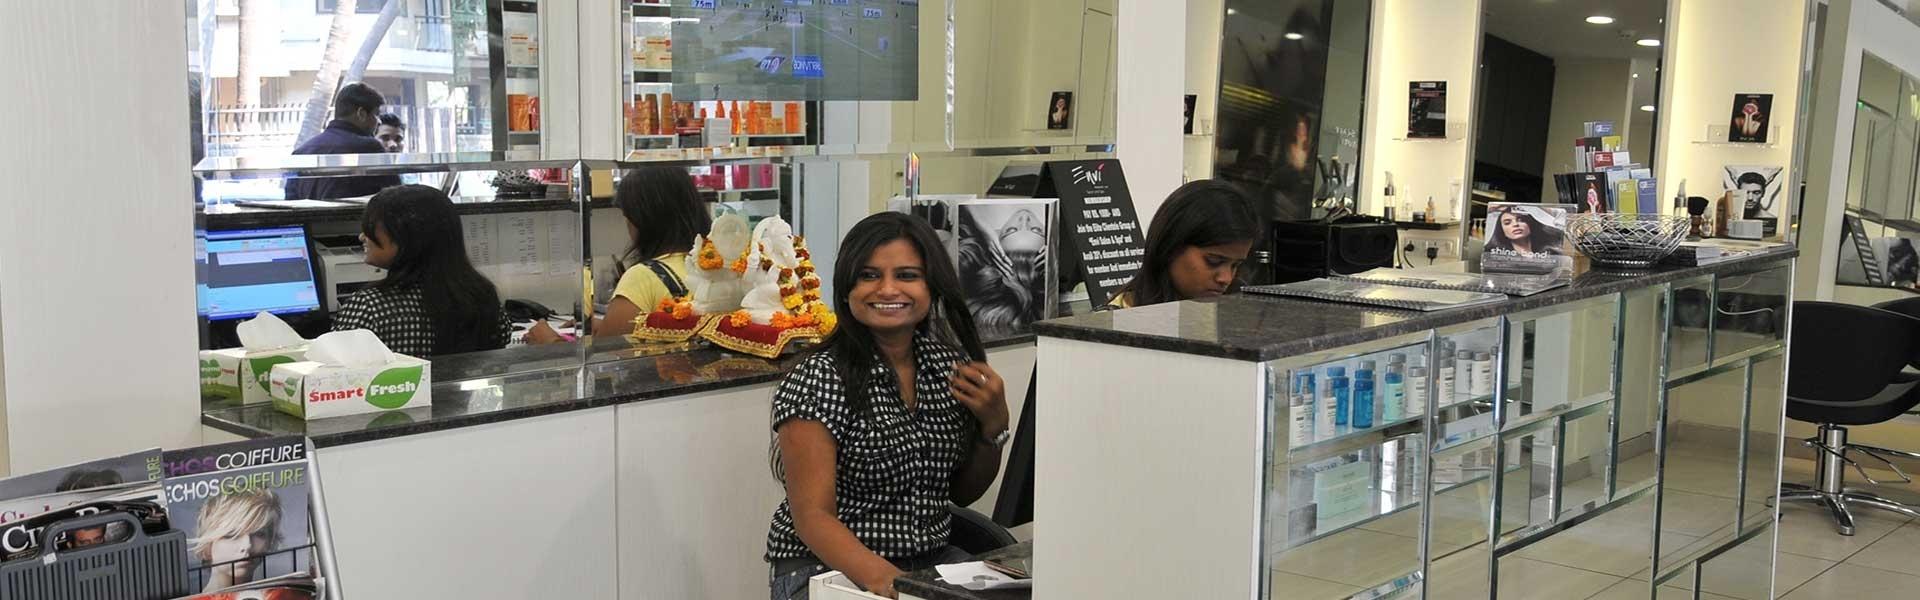 Spa | Envi Salon And Spa - Magdalla - Surat within Best Haircut Salon In Surat